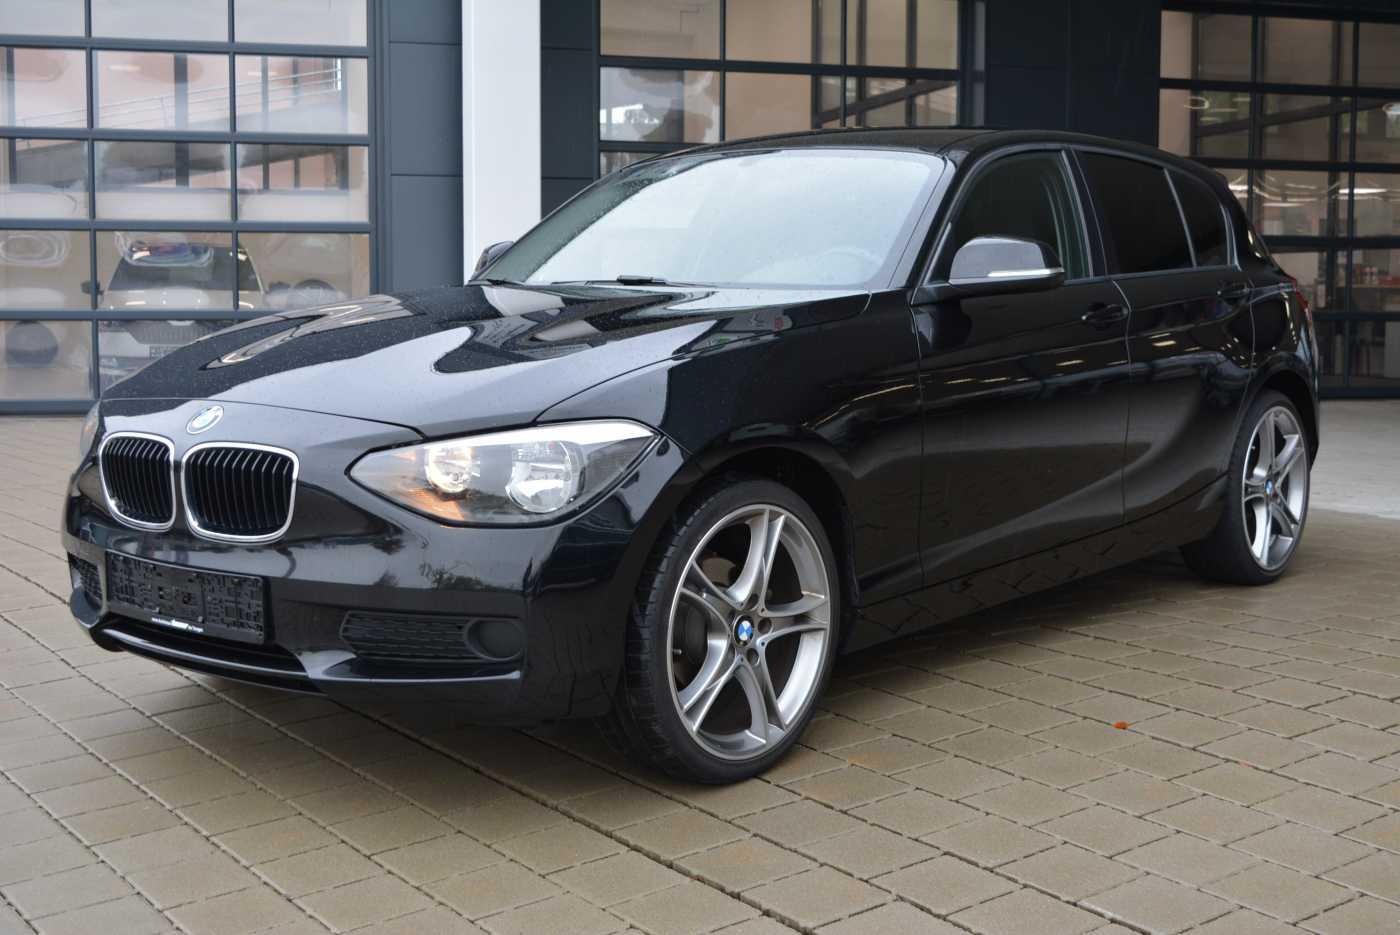 BMW 116i 5-Türig Klima, PDC hinten, 19' LM, Jahr 2013, petrol